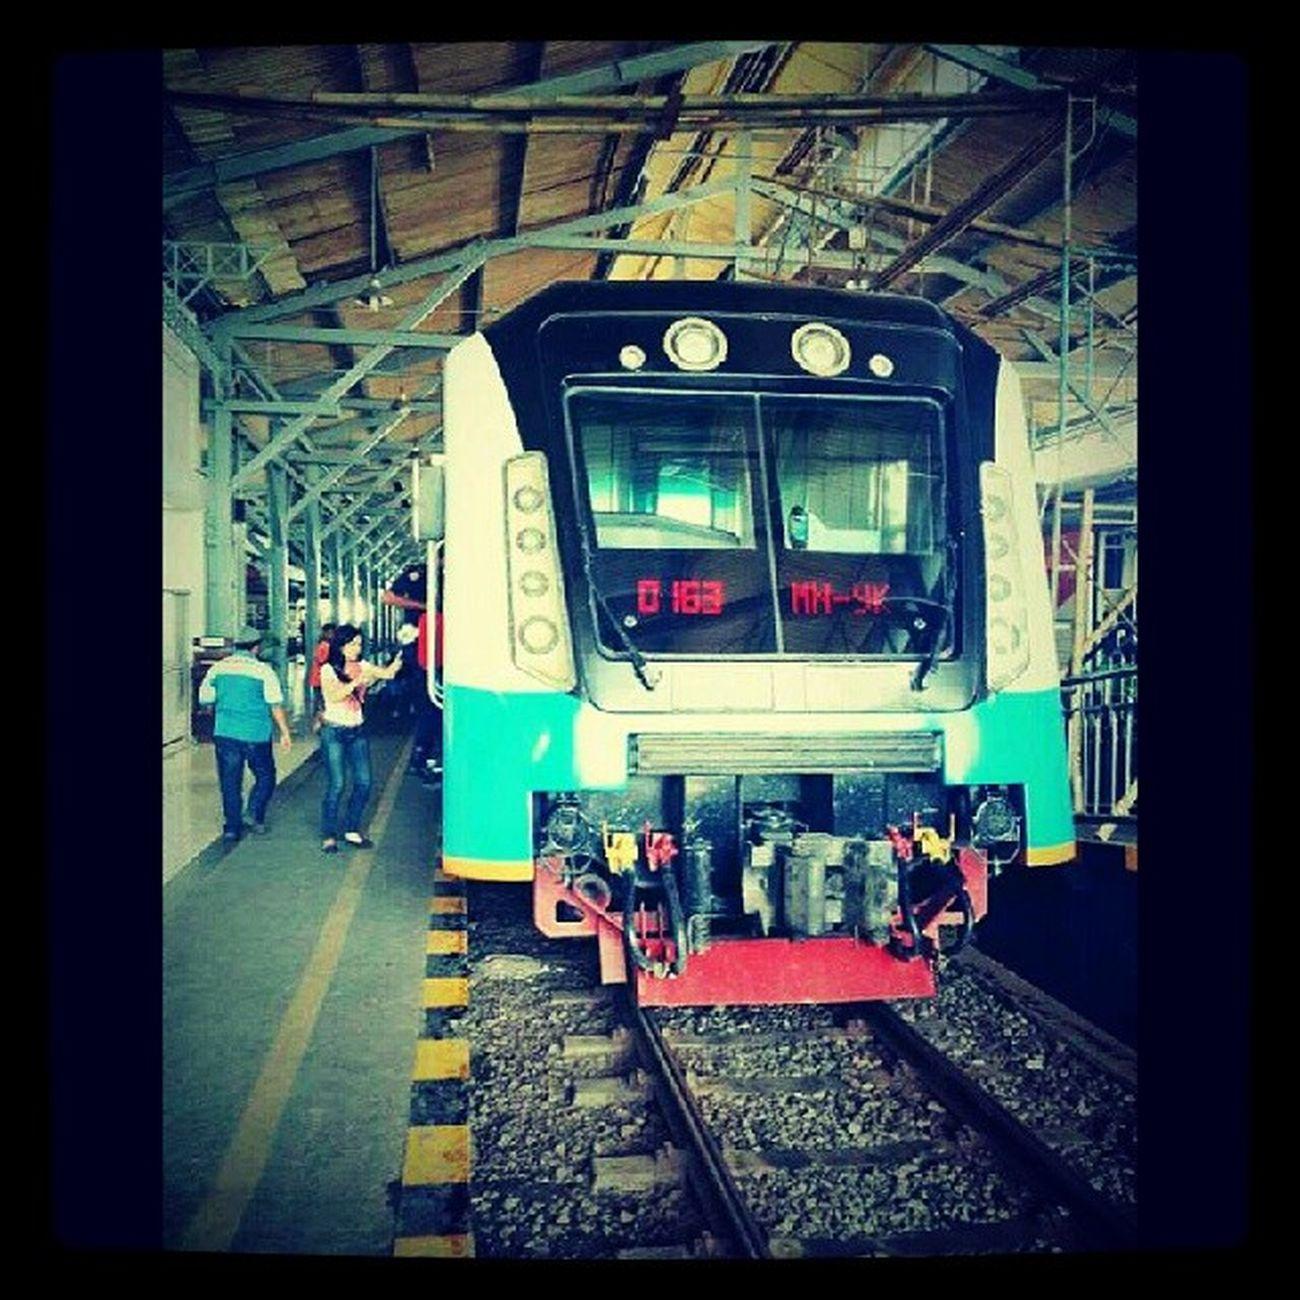 Manja (madiun jaya) di Solo siap berangkat YK. Solobalapan Railfans Daop6 Inka indonesia